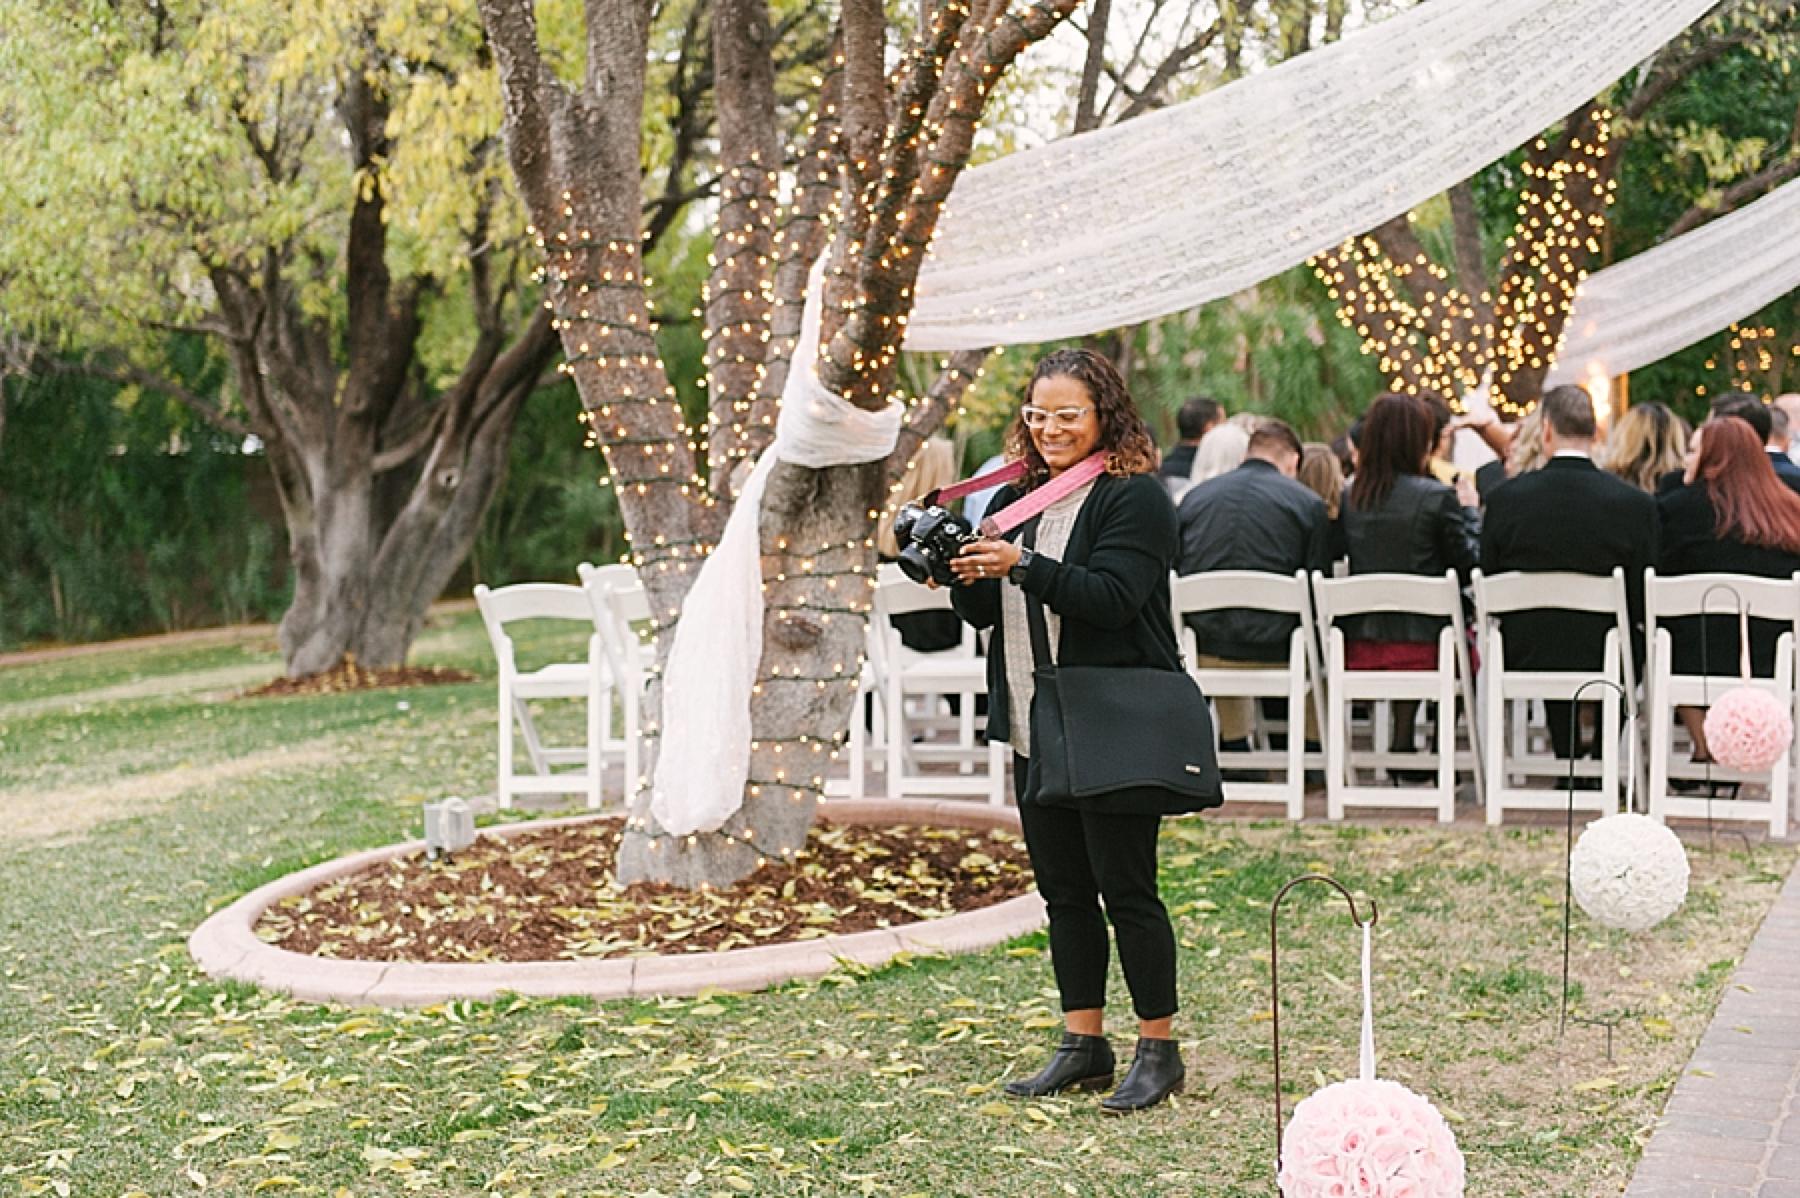 las_vegas_wedding_photographers_behind_the_scenes-02-2.jpg